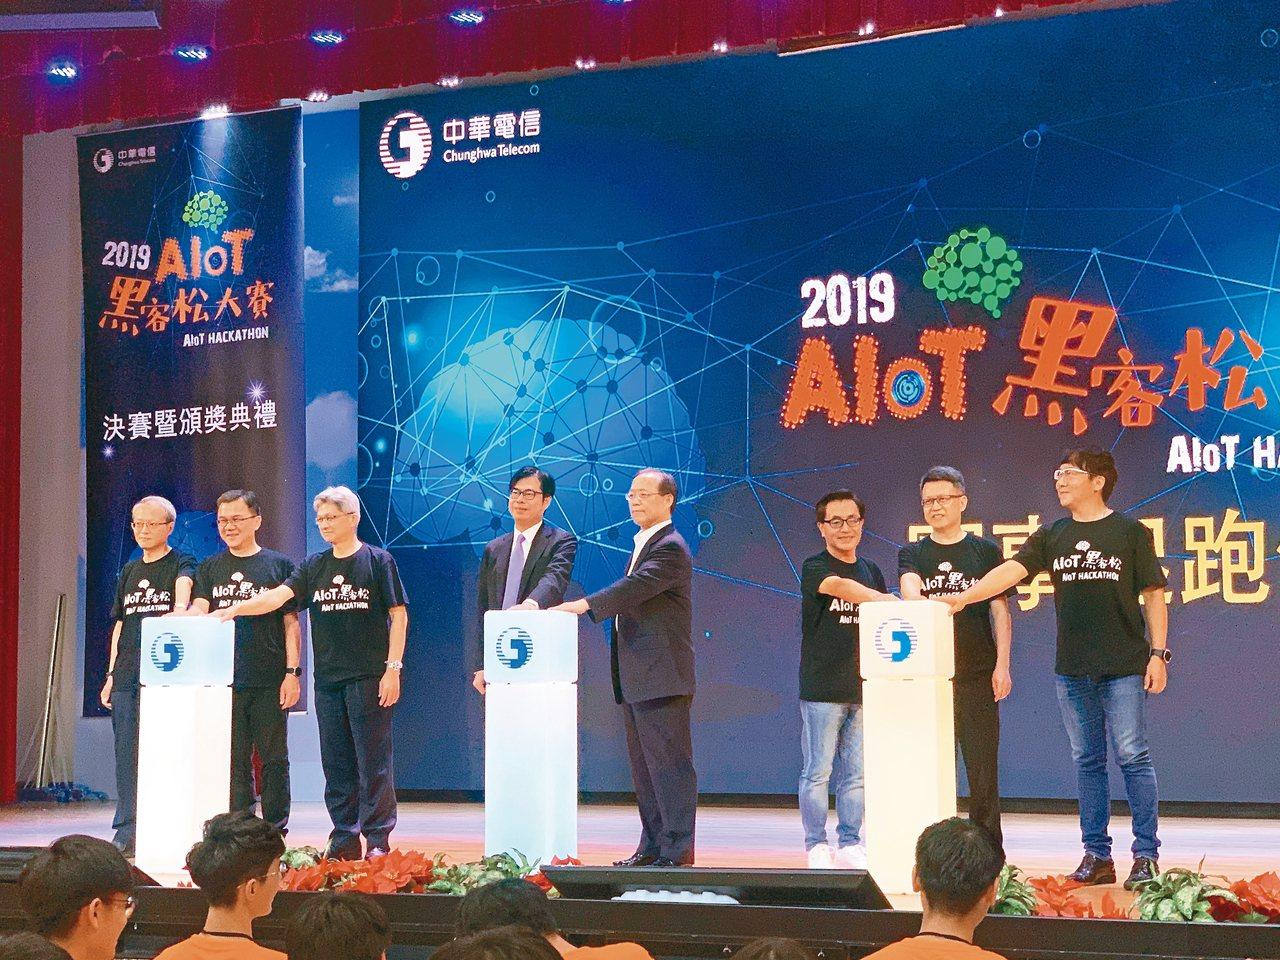 中華電信「2019數位創新應用系列賽-AIOT黑客松大賽」今天啟動,今年主題是「...